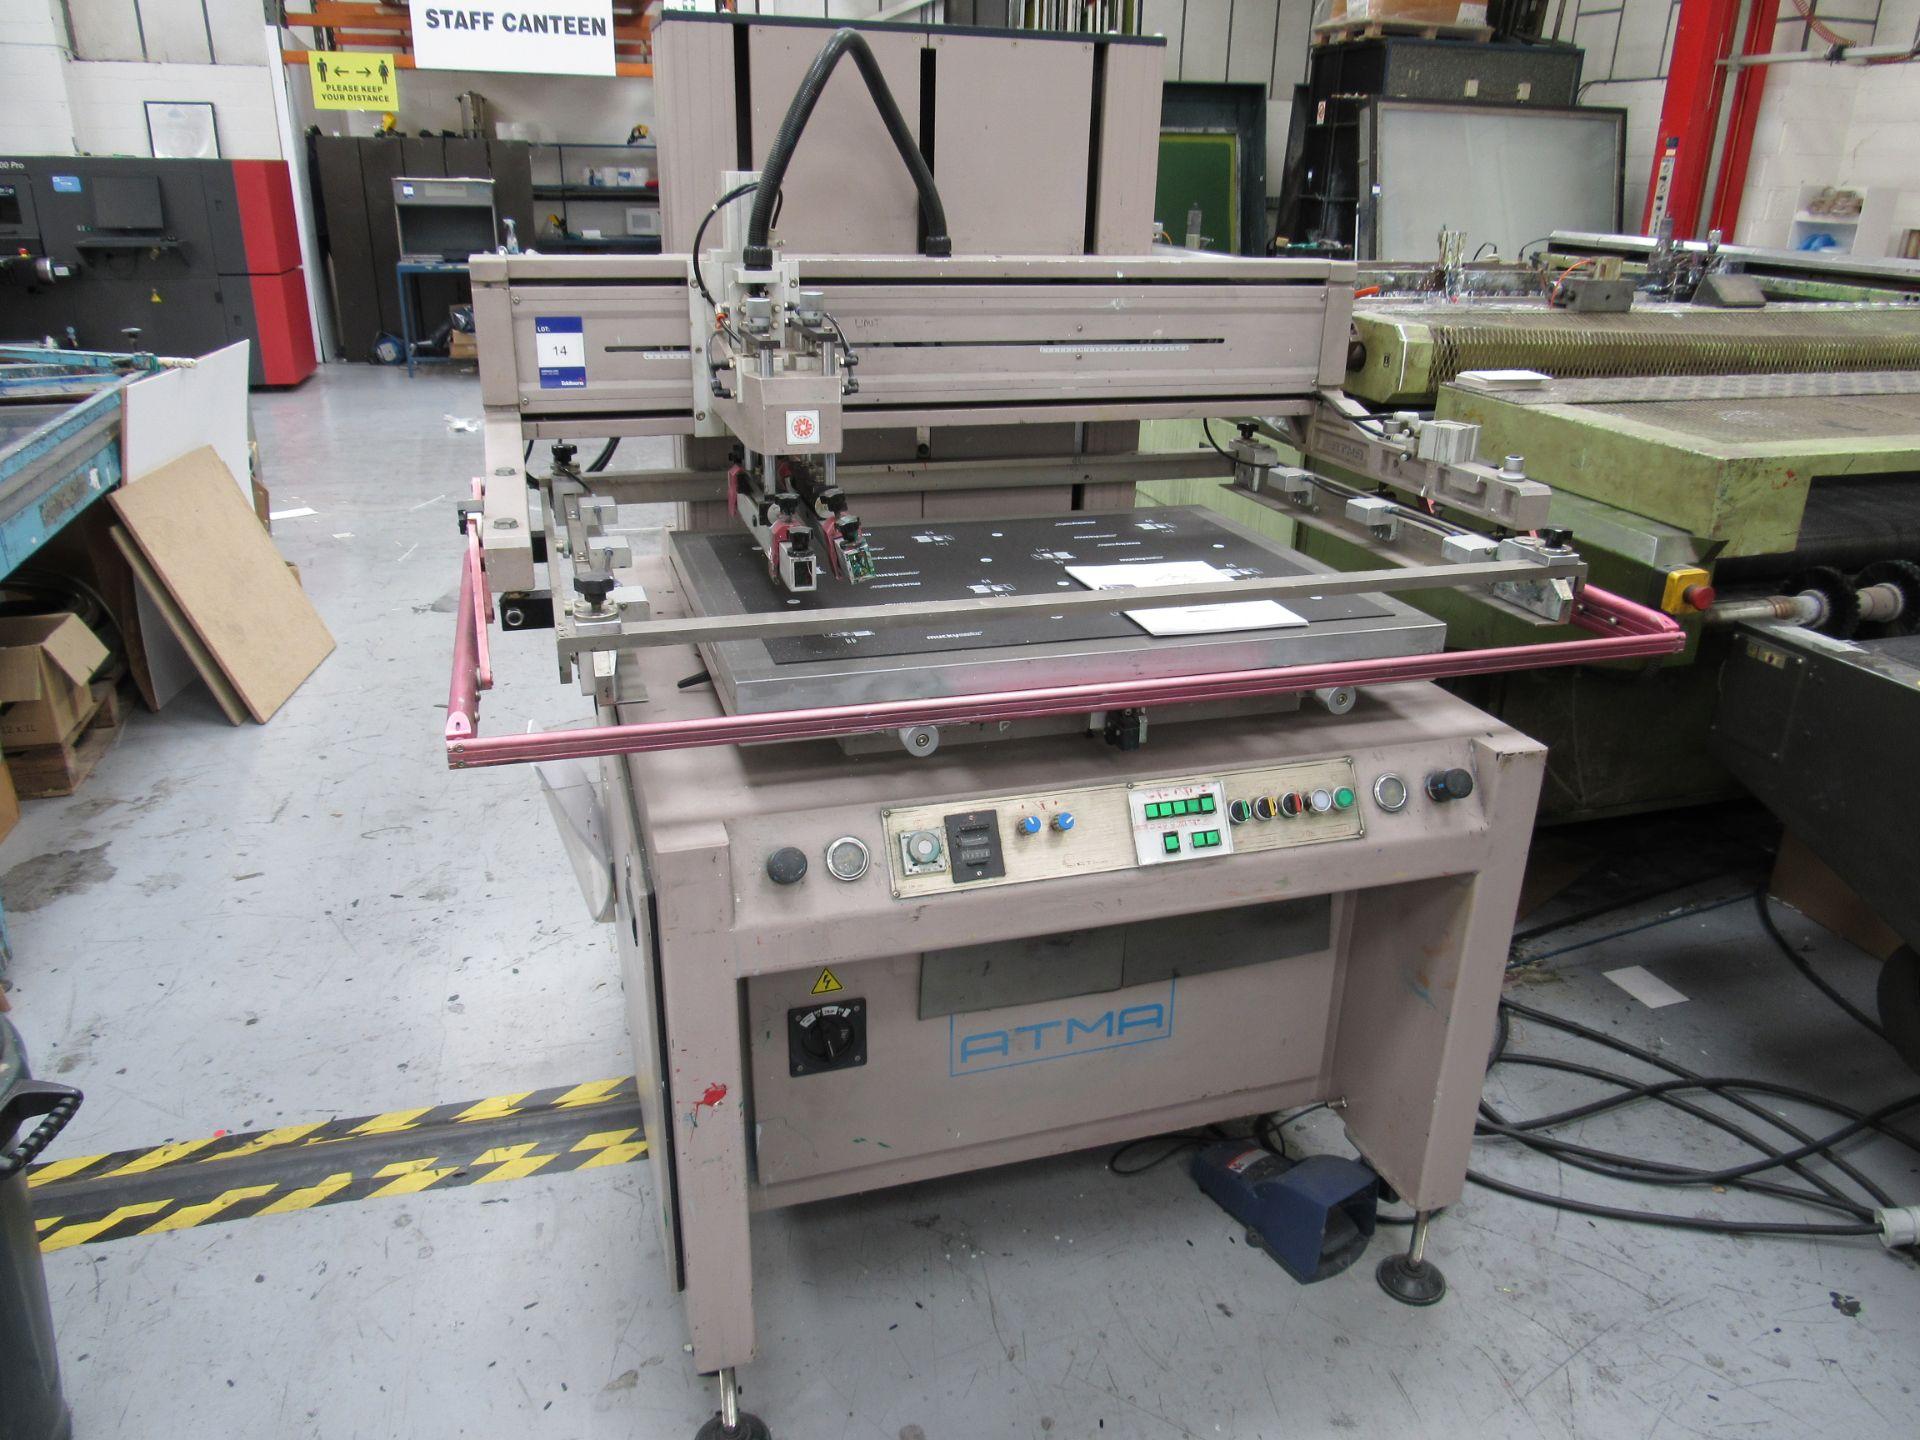 ATMA AT-80P Screen Printer 700x900mm, Serial Number 950301502 - Image 2 of 7